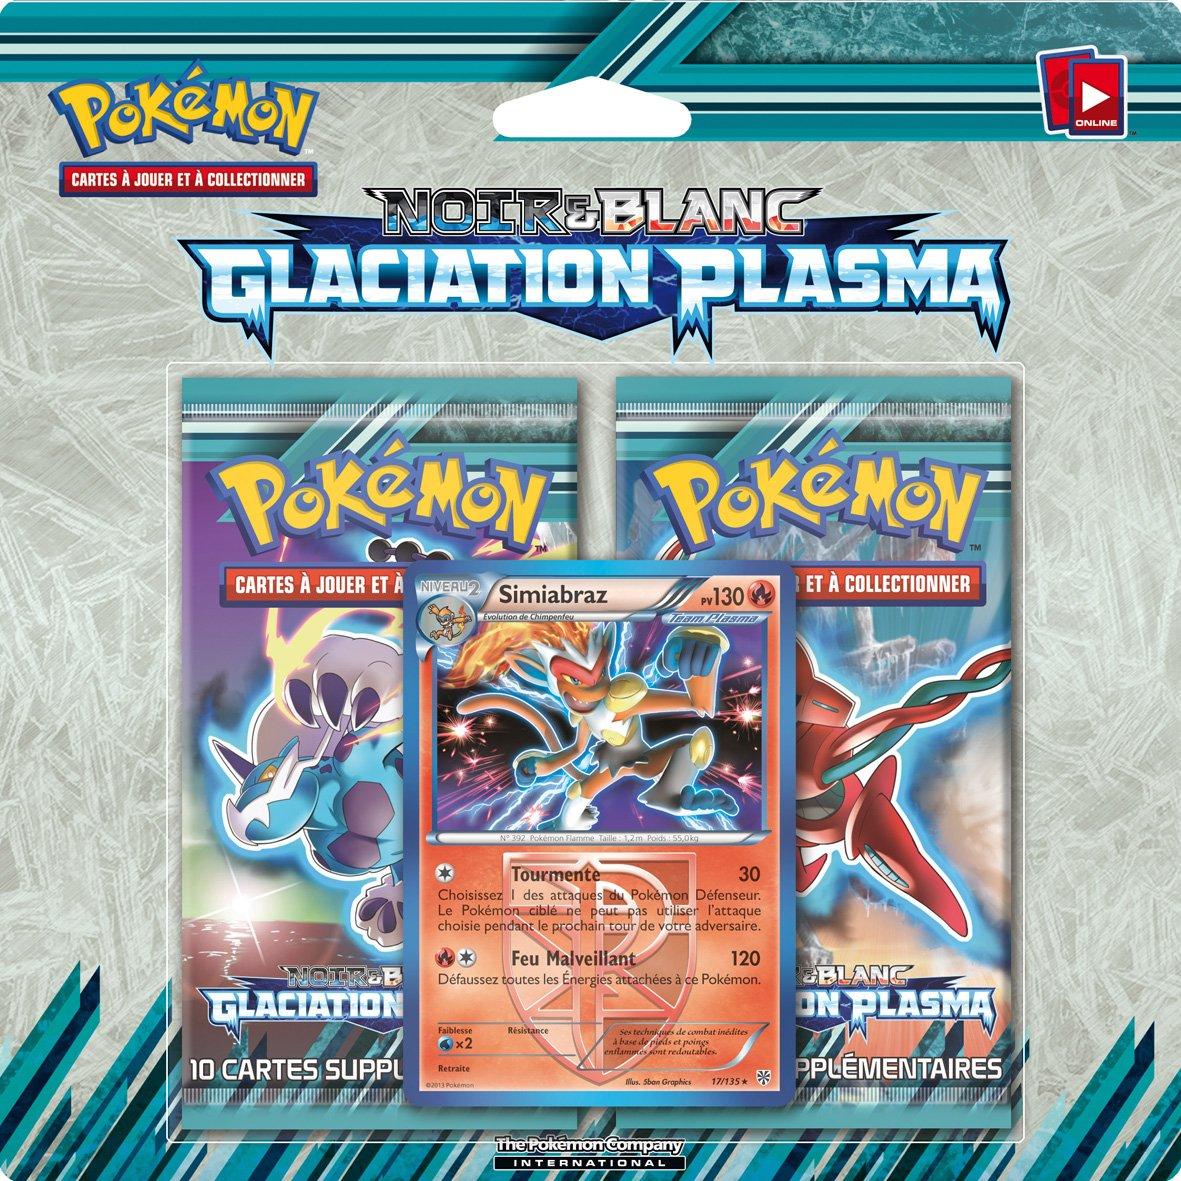 Pokemon 2pack01bw9 Jeu De Cartes à Jouer Et à Collectionner Duo Pack Noir Et Blanc